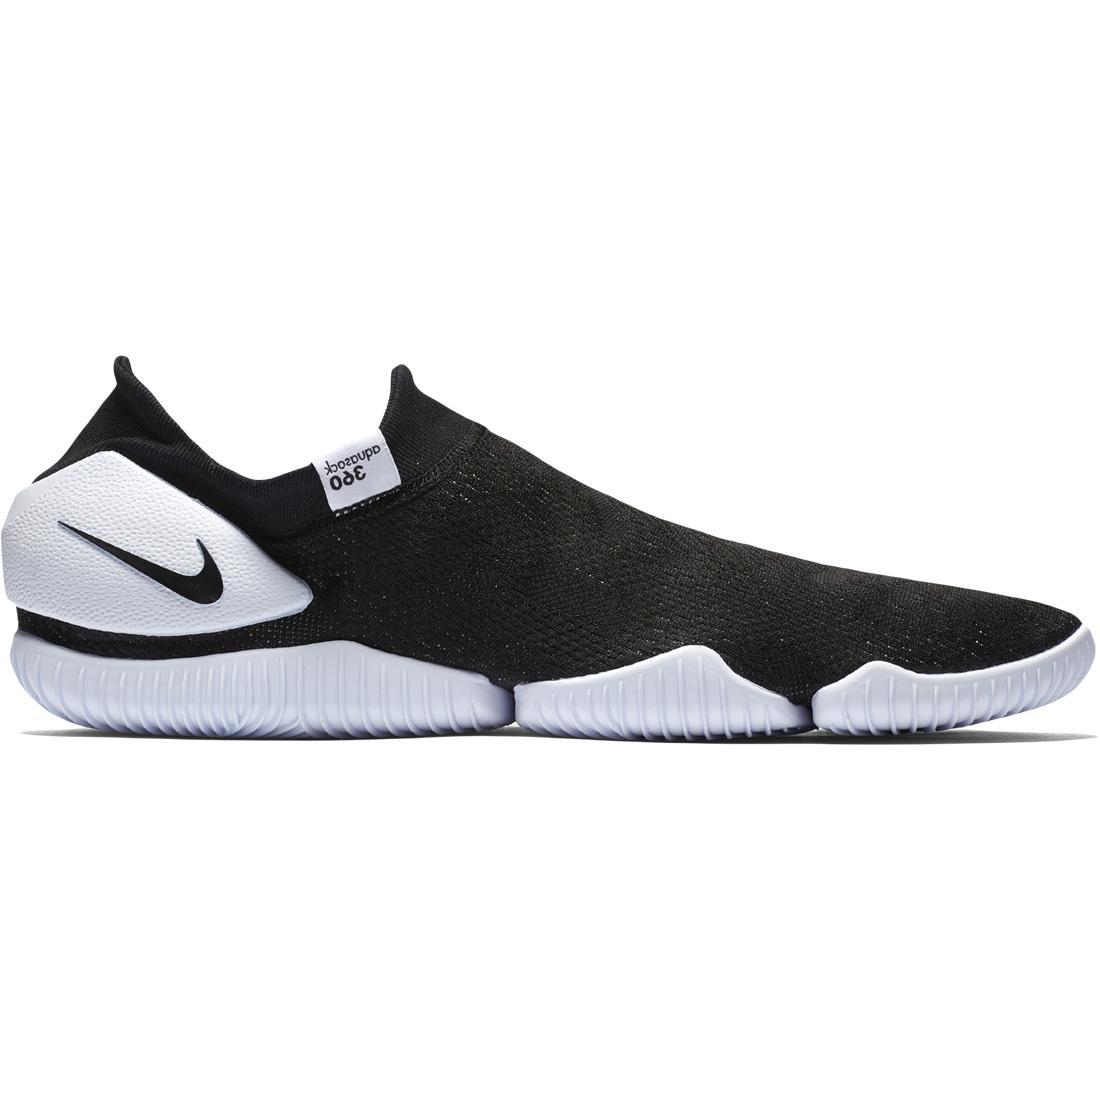 aqua sock 360 885105 001 black white